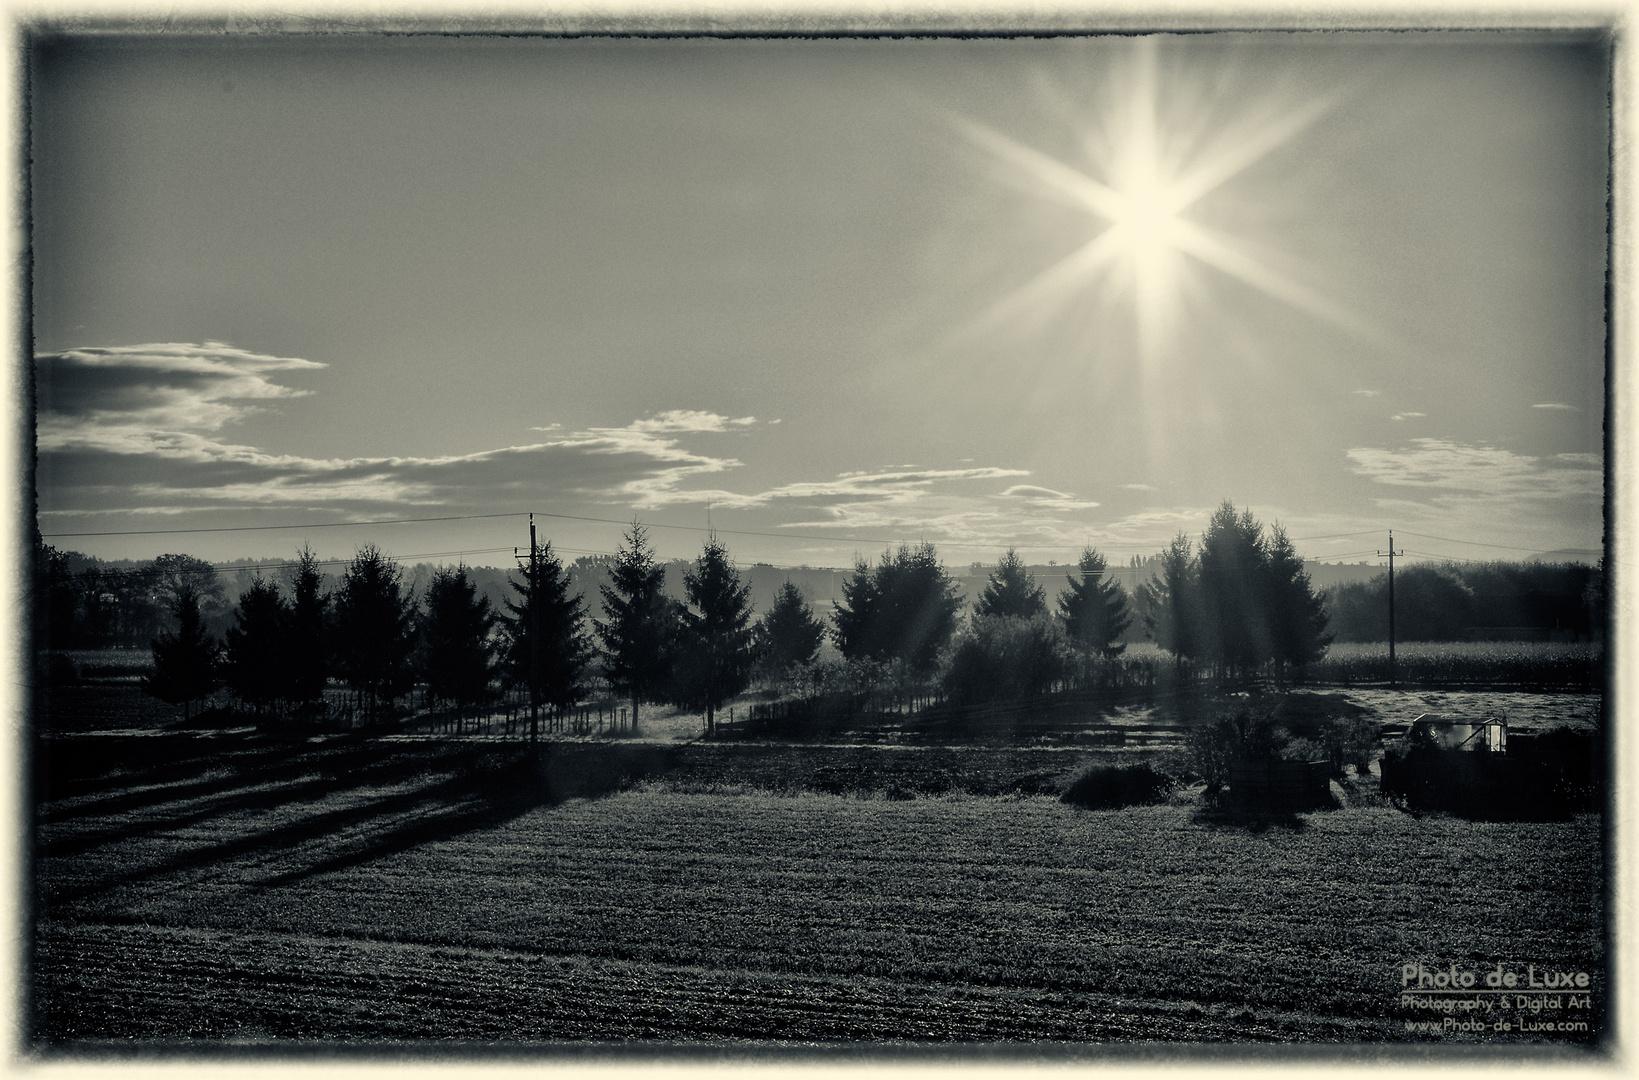 Traumhafter Herbst-Morgen am Lande